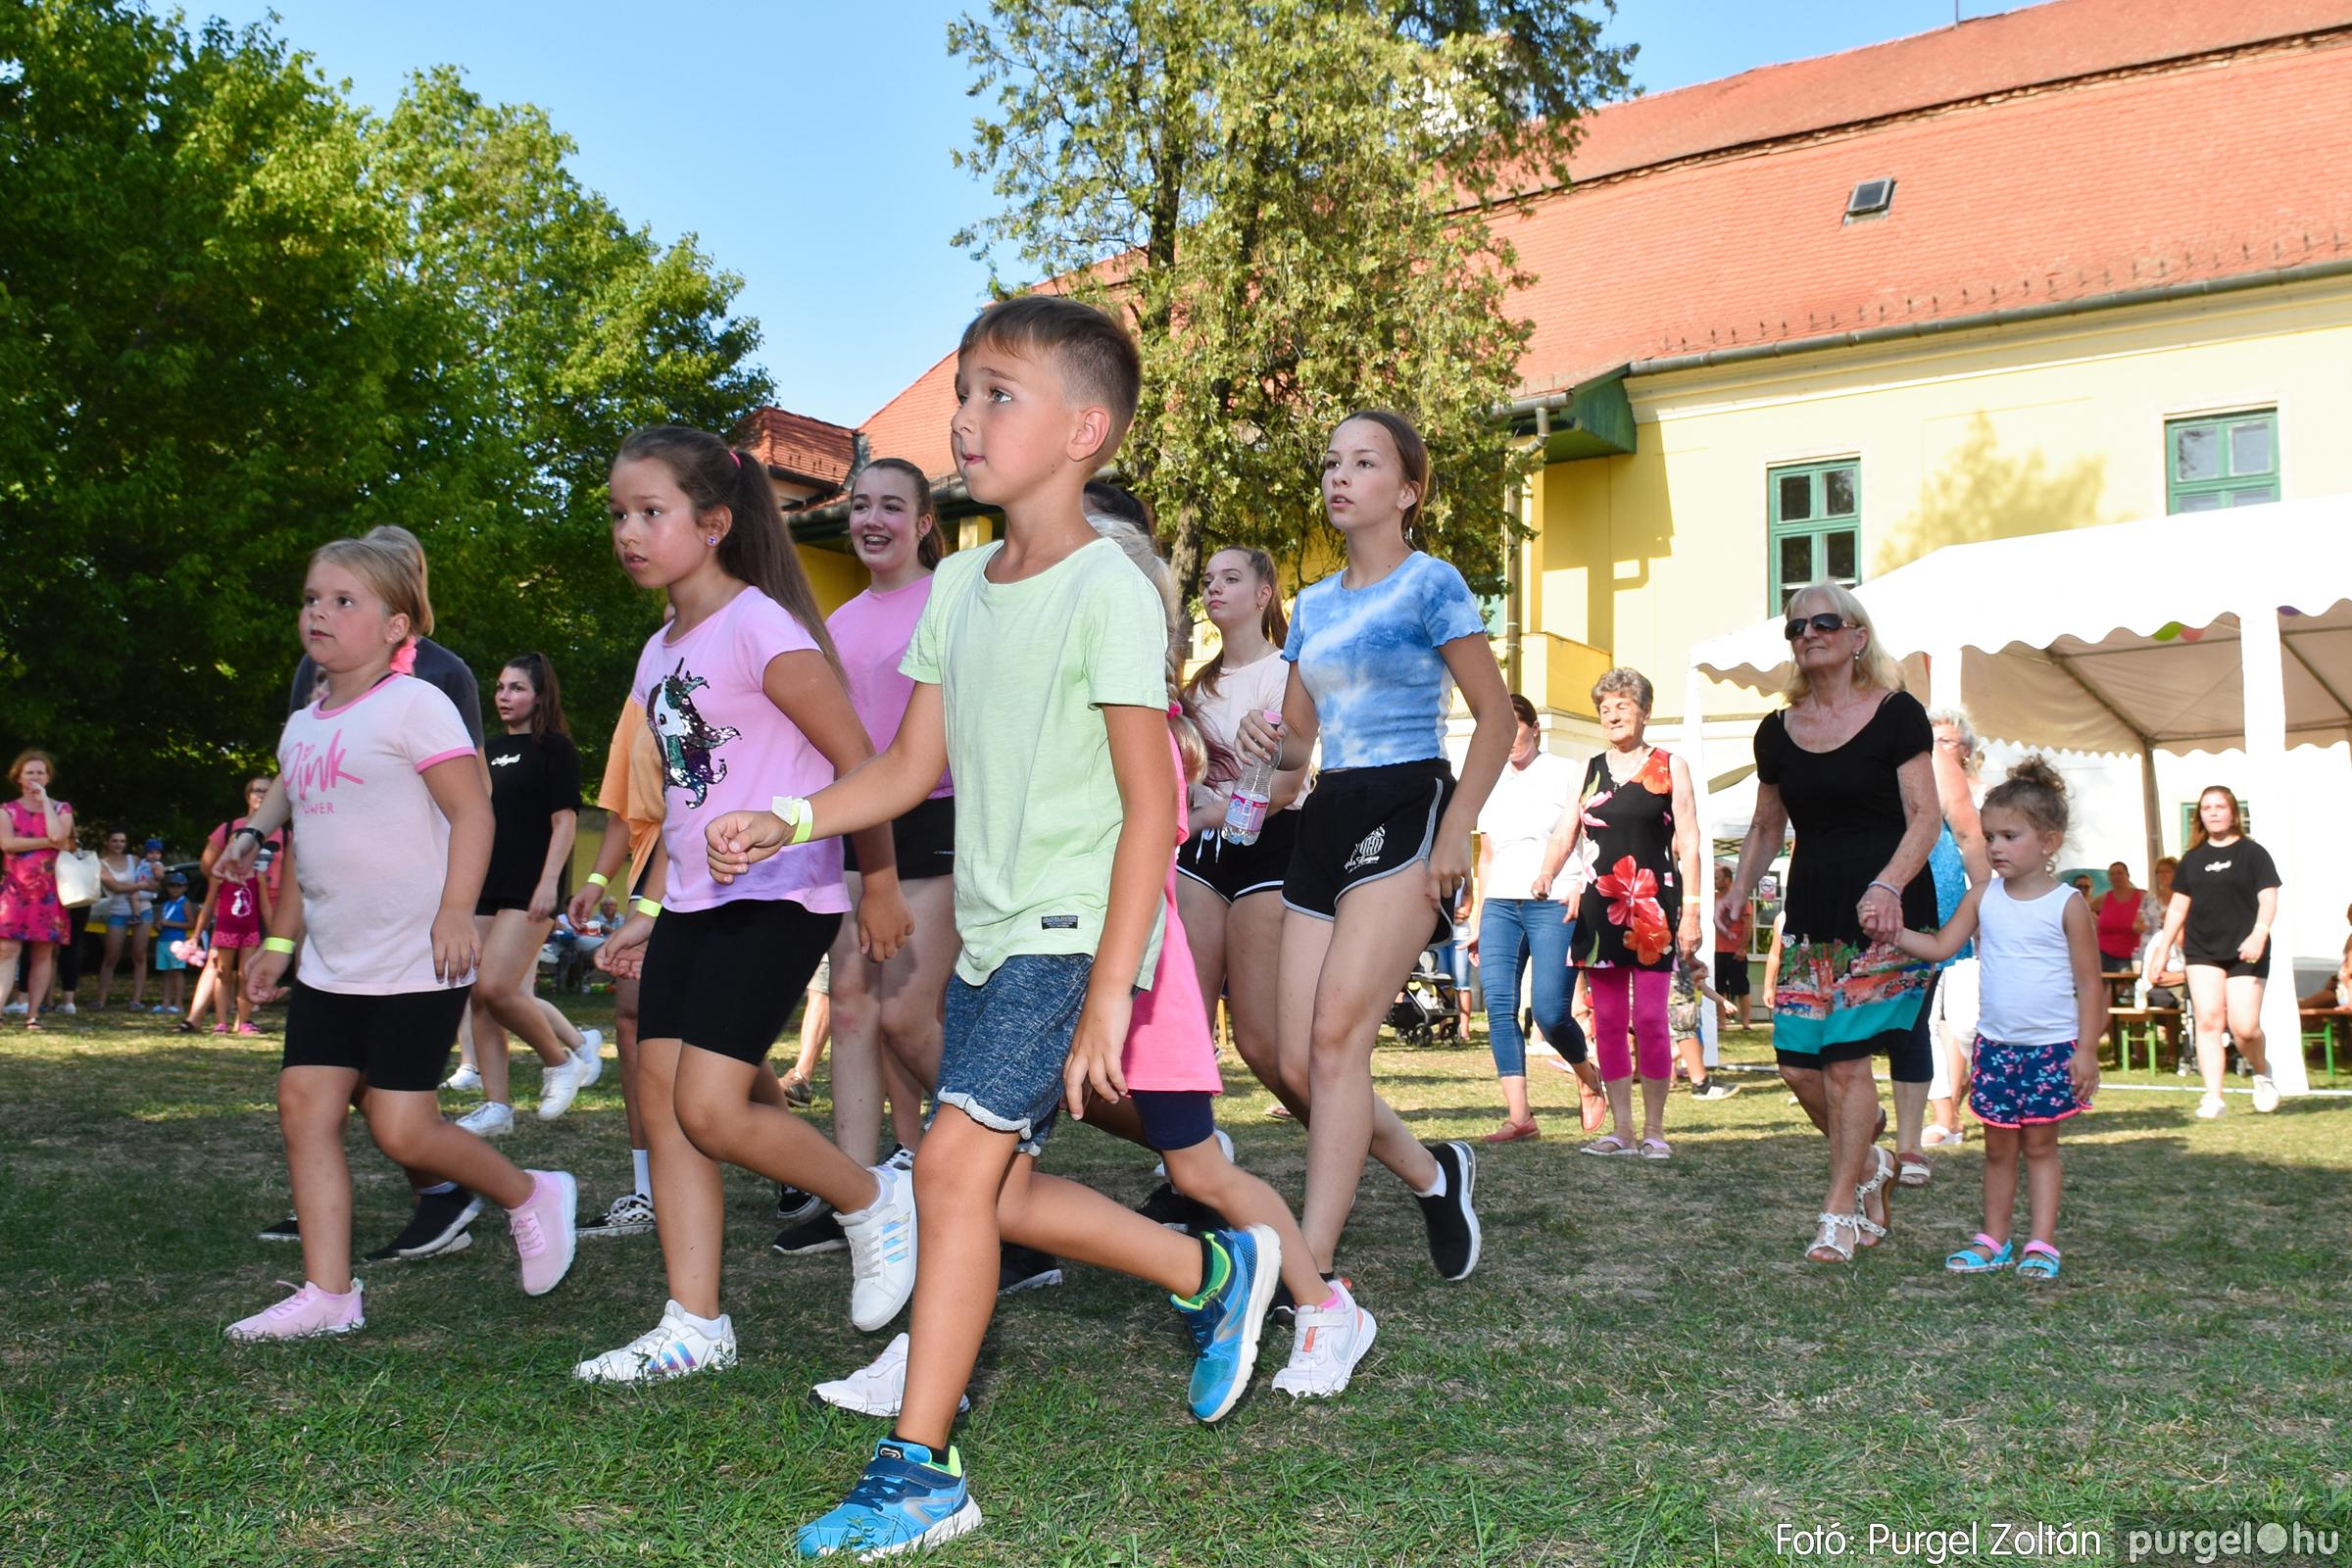 2021.07.31. 102 Családi nap Szegváron - Fotó:PURGEL ZOLTÁN© DSC_8454q.jpg